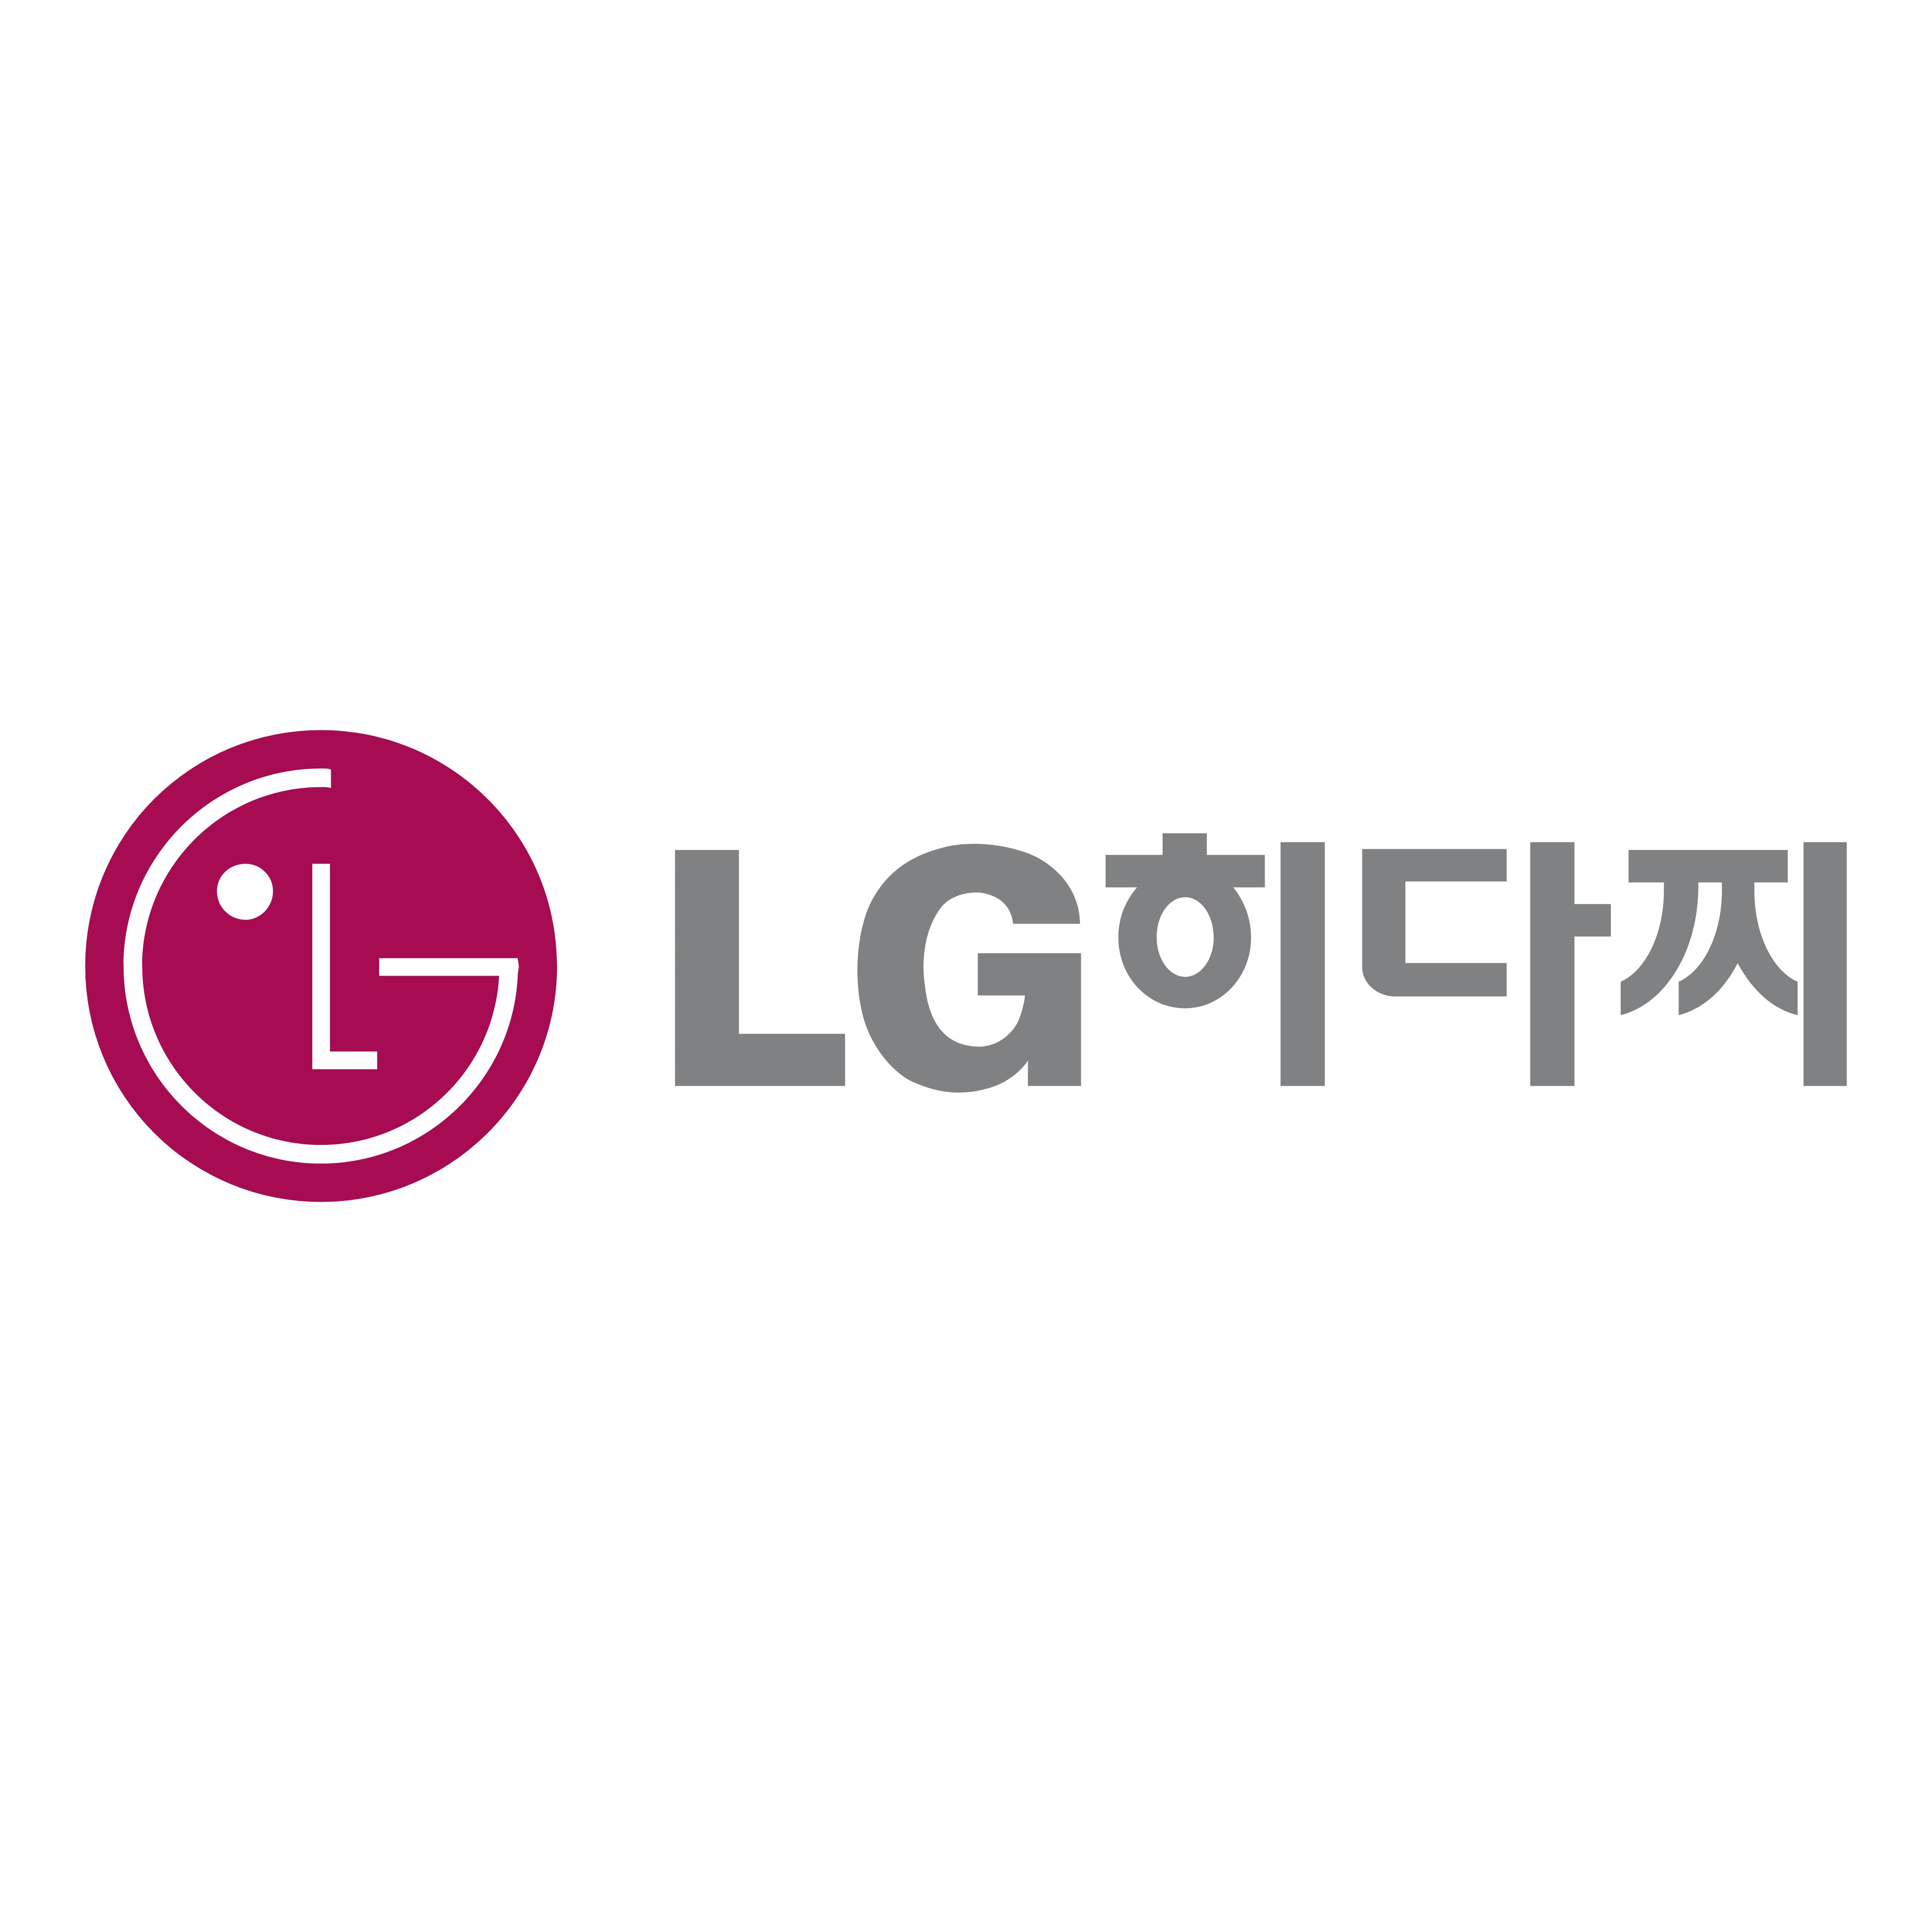 LG – Logos Download